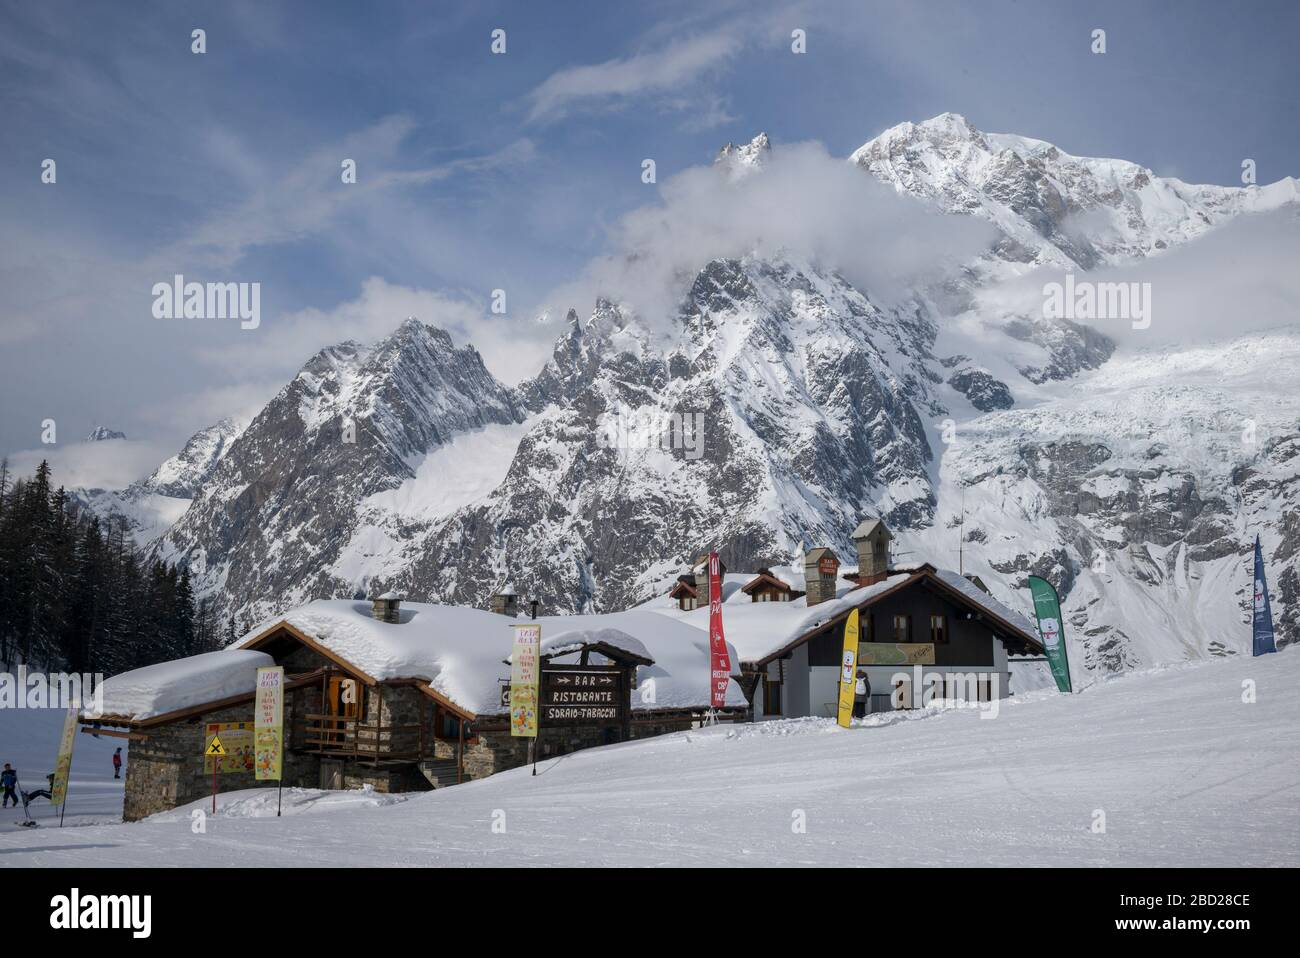 Chaîne de montagne enneigée, station alpine, vallée d'Aoste, Courmayeur, Italie du Nord Banque D'Images